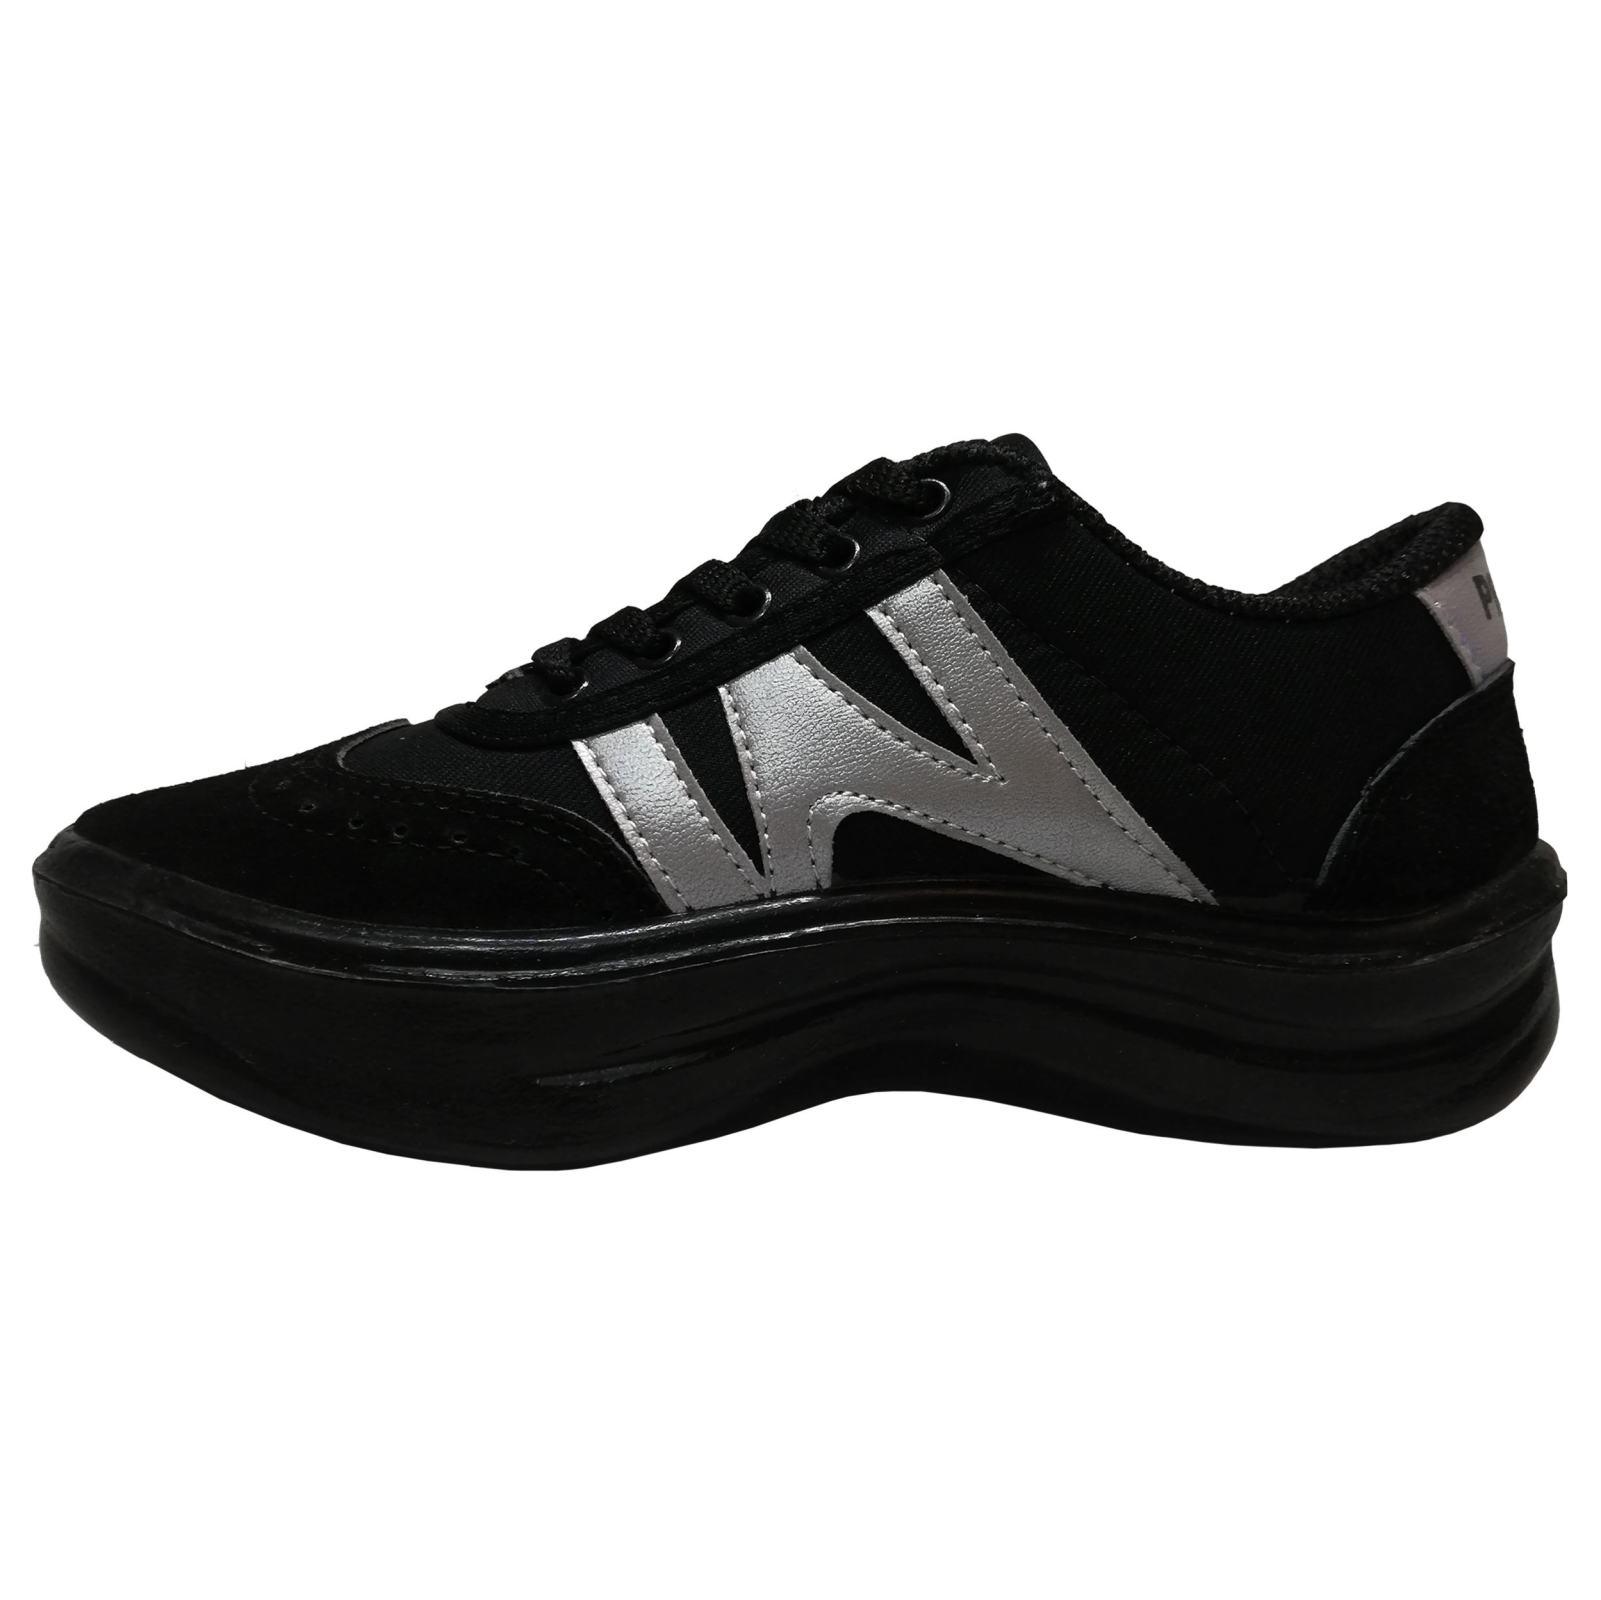 کفش مخصوص پیاده روی پارسیا مدل دبلیو پلاس کد BL690